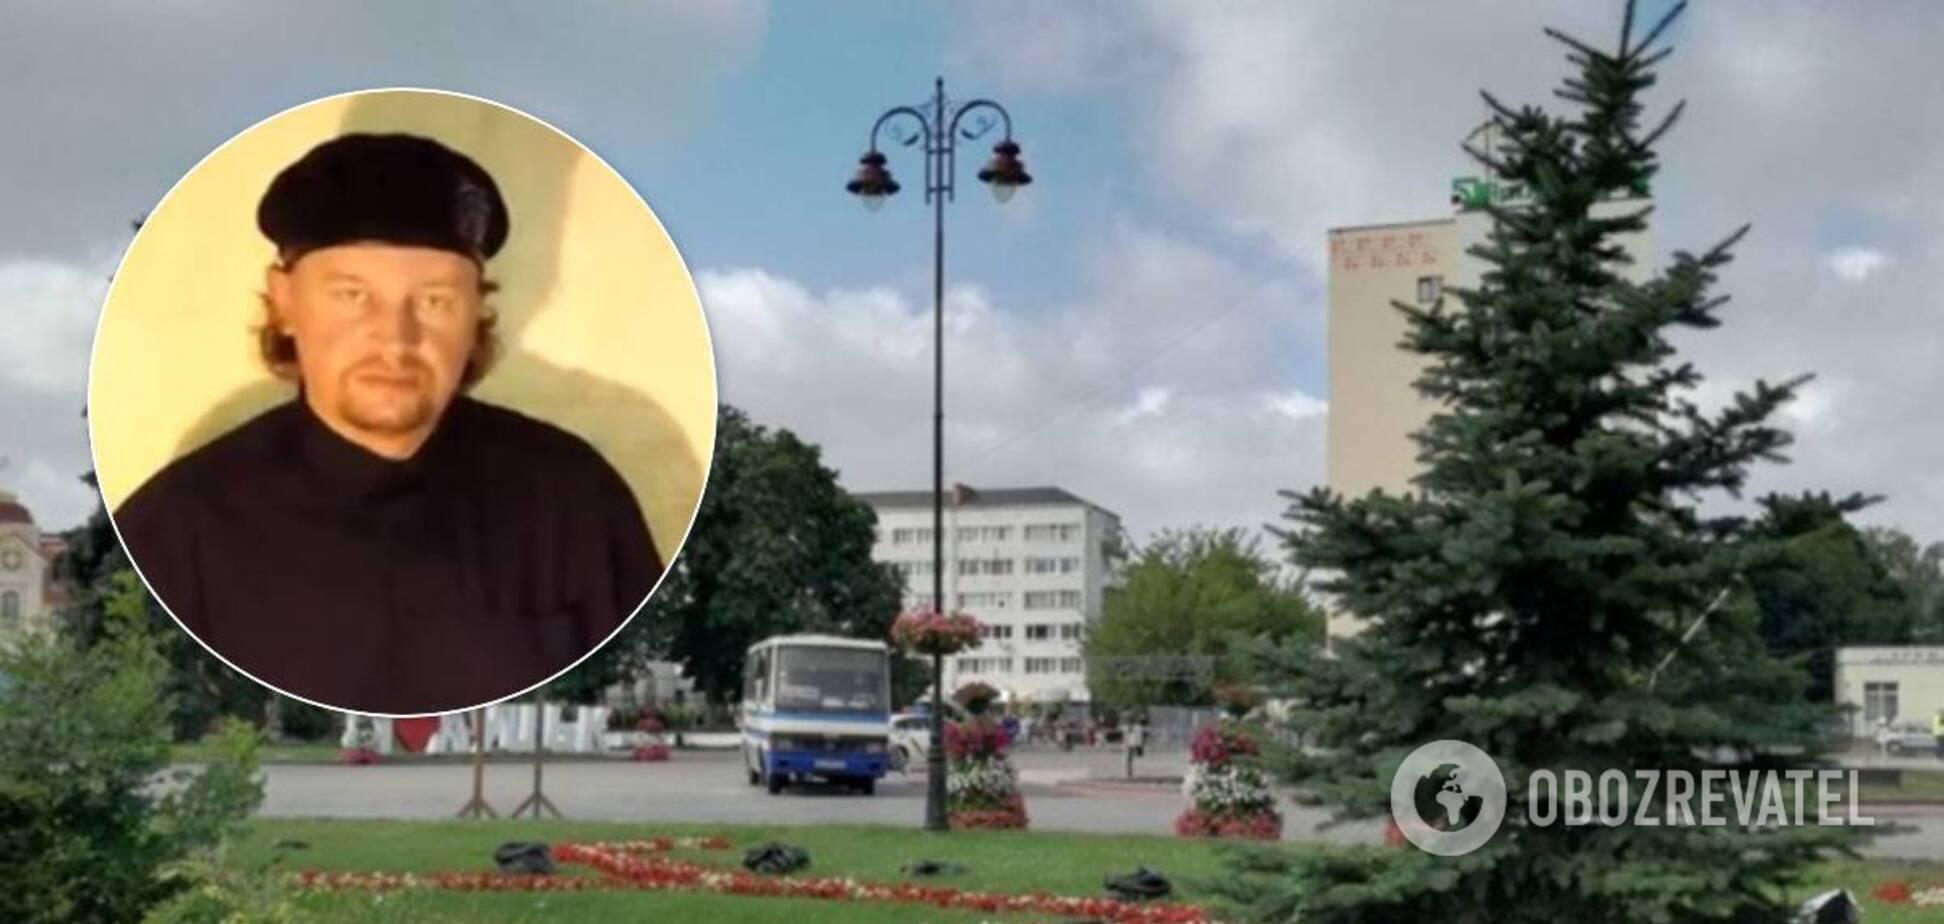 Захоплення автобуса в Луцьку